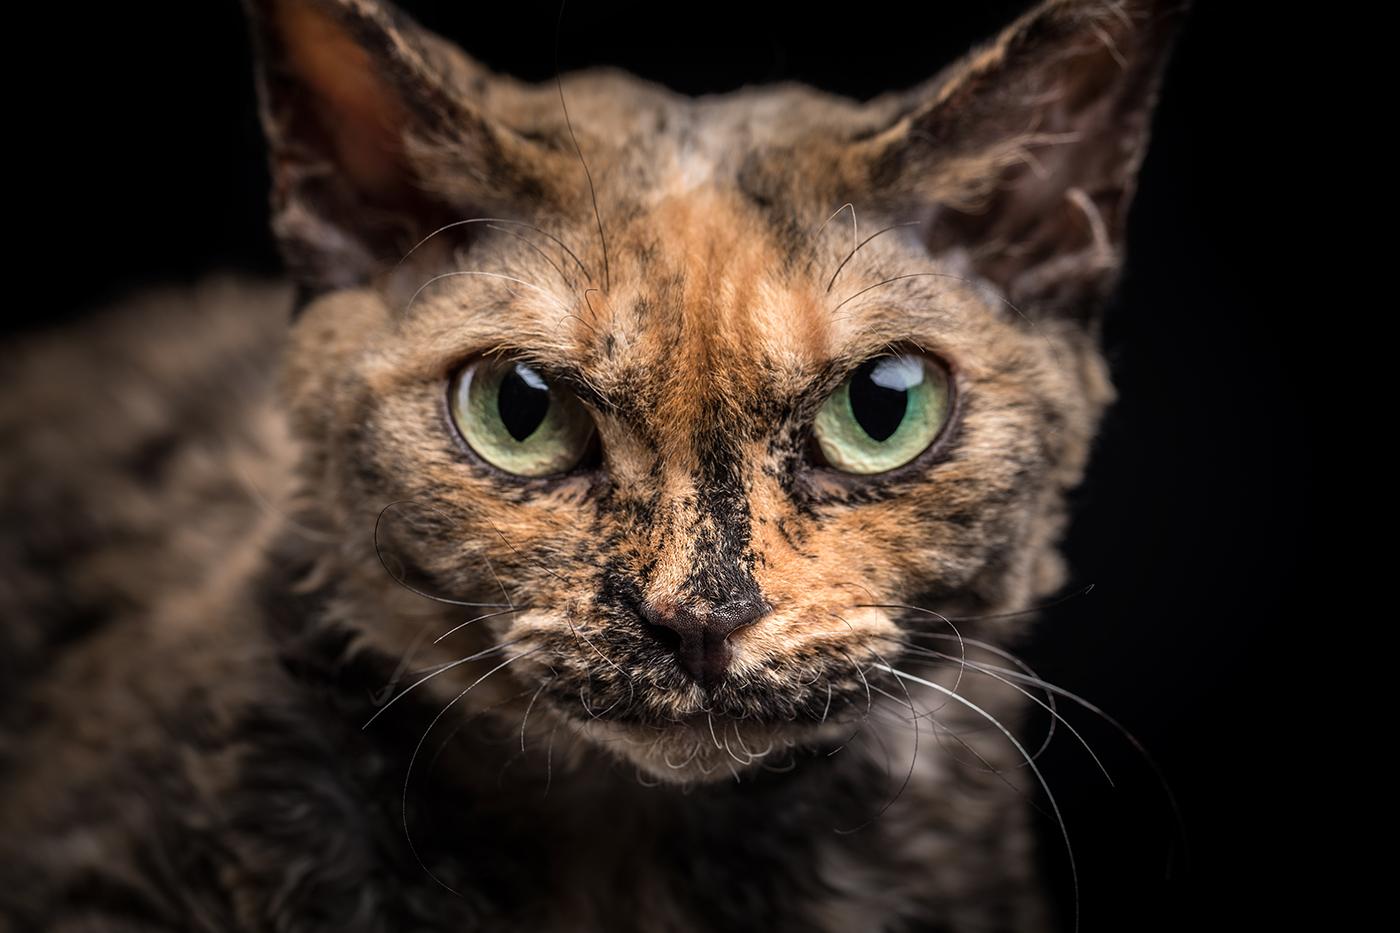 photographe-animalier-chat-poitiers-guillaume-heraud-21